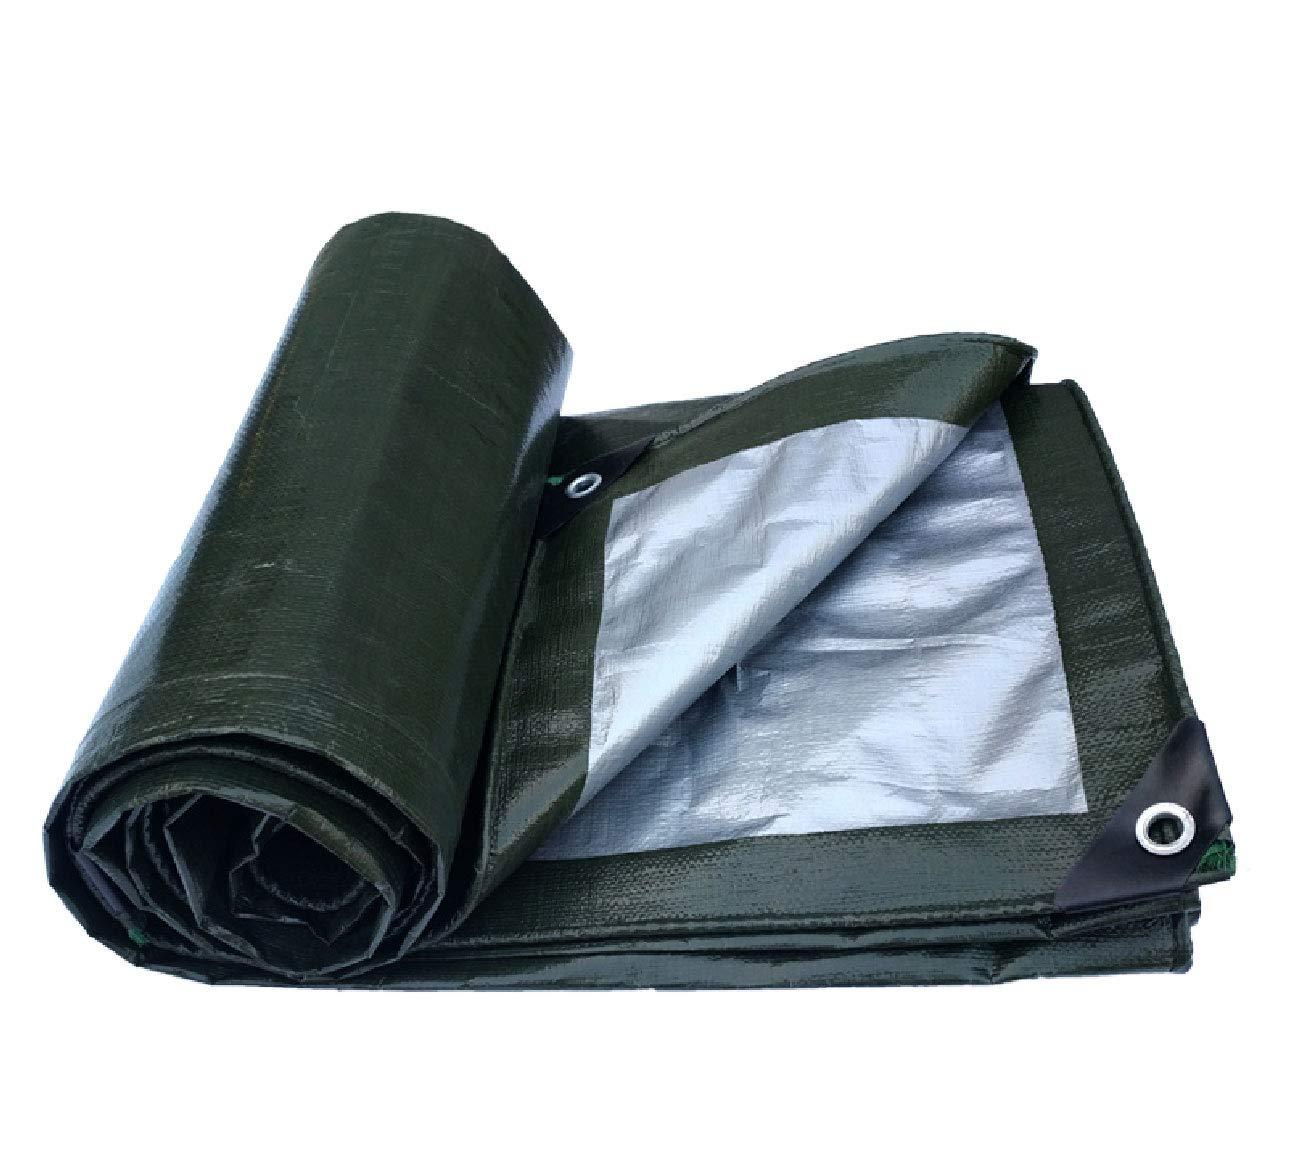 厚い防水シート屋外用防水布プラスチックオックスフォード布トラックサンシェードキャノピー日焼け止めオイルクロス雨布マルチサイズオプション (サイズ さいず : 4 * 5m) 4*5m  B07JDXMVDF